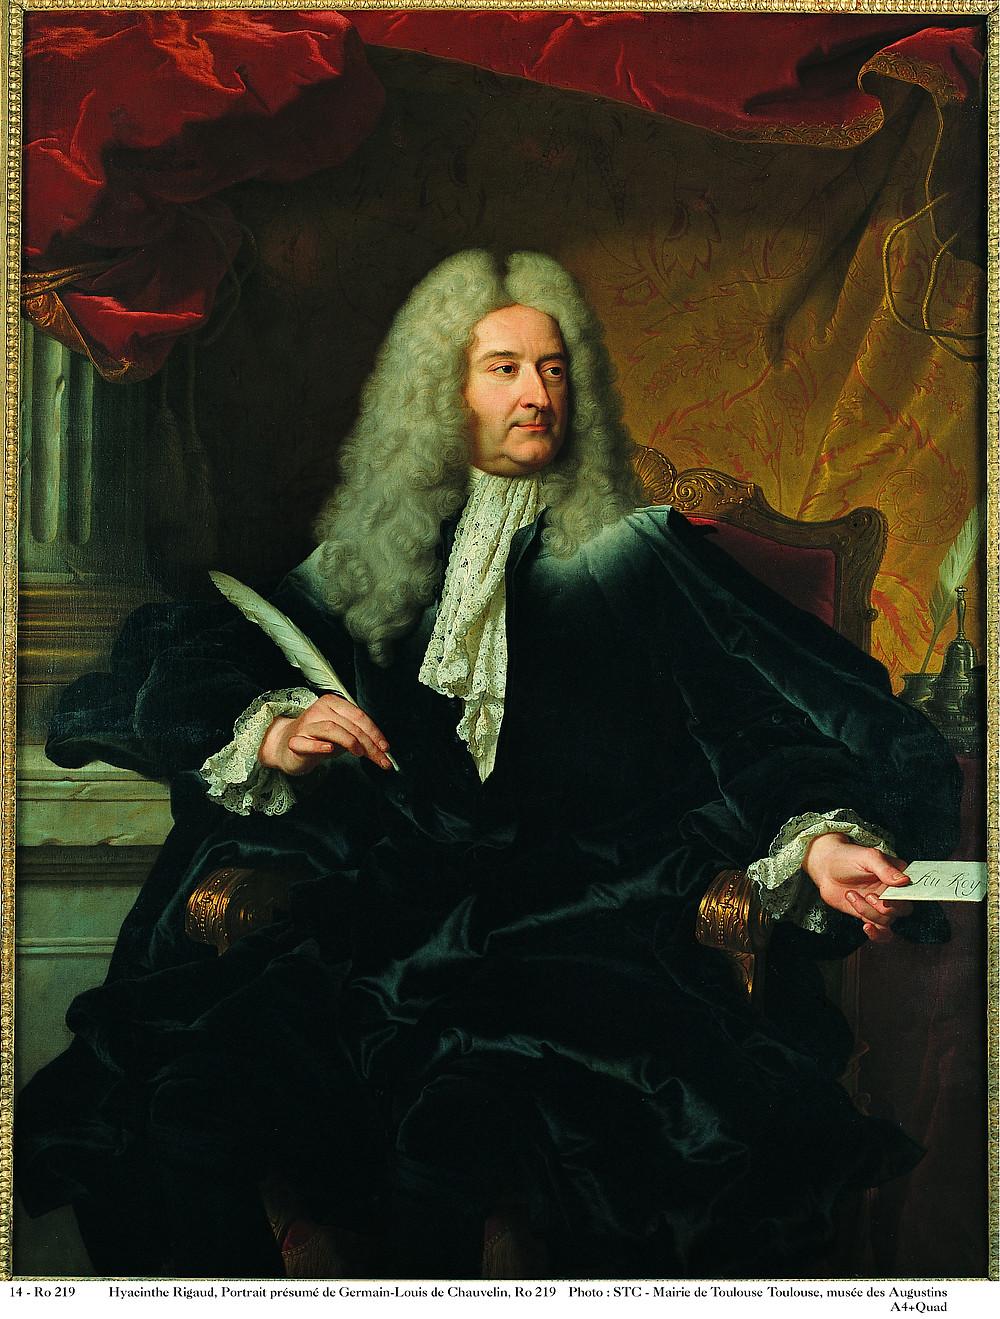 Hyacinthe Rigaud et atelier, Portrait de Michel Robert Le Peletier des Forts, 1727, Toulouse, musée des Augustins, inv. RO 219